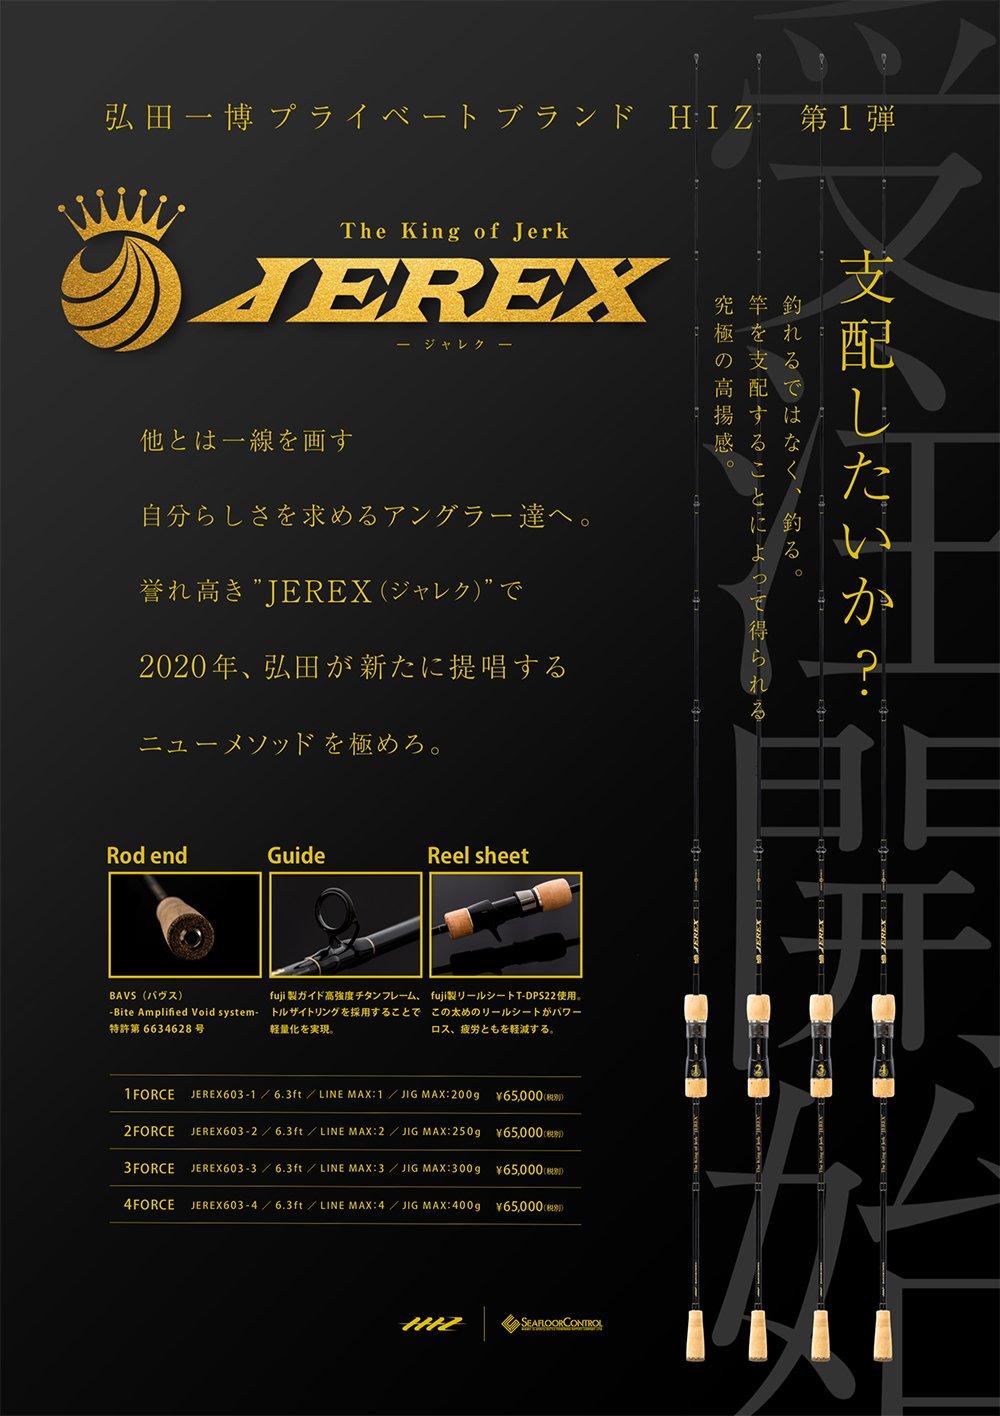 ジャレク_jerex01